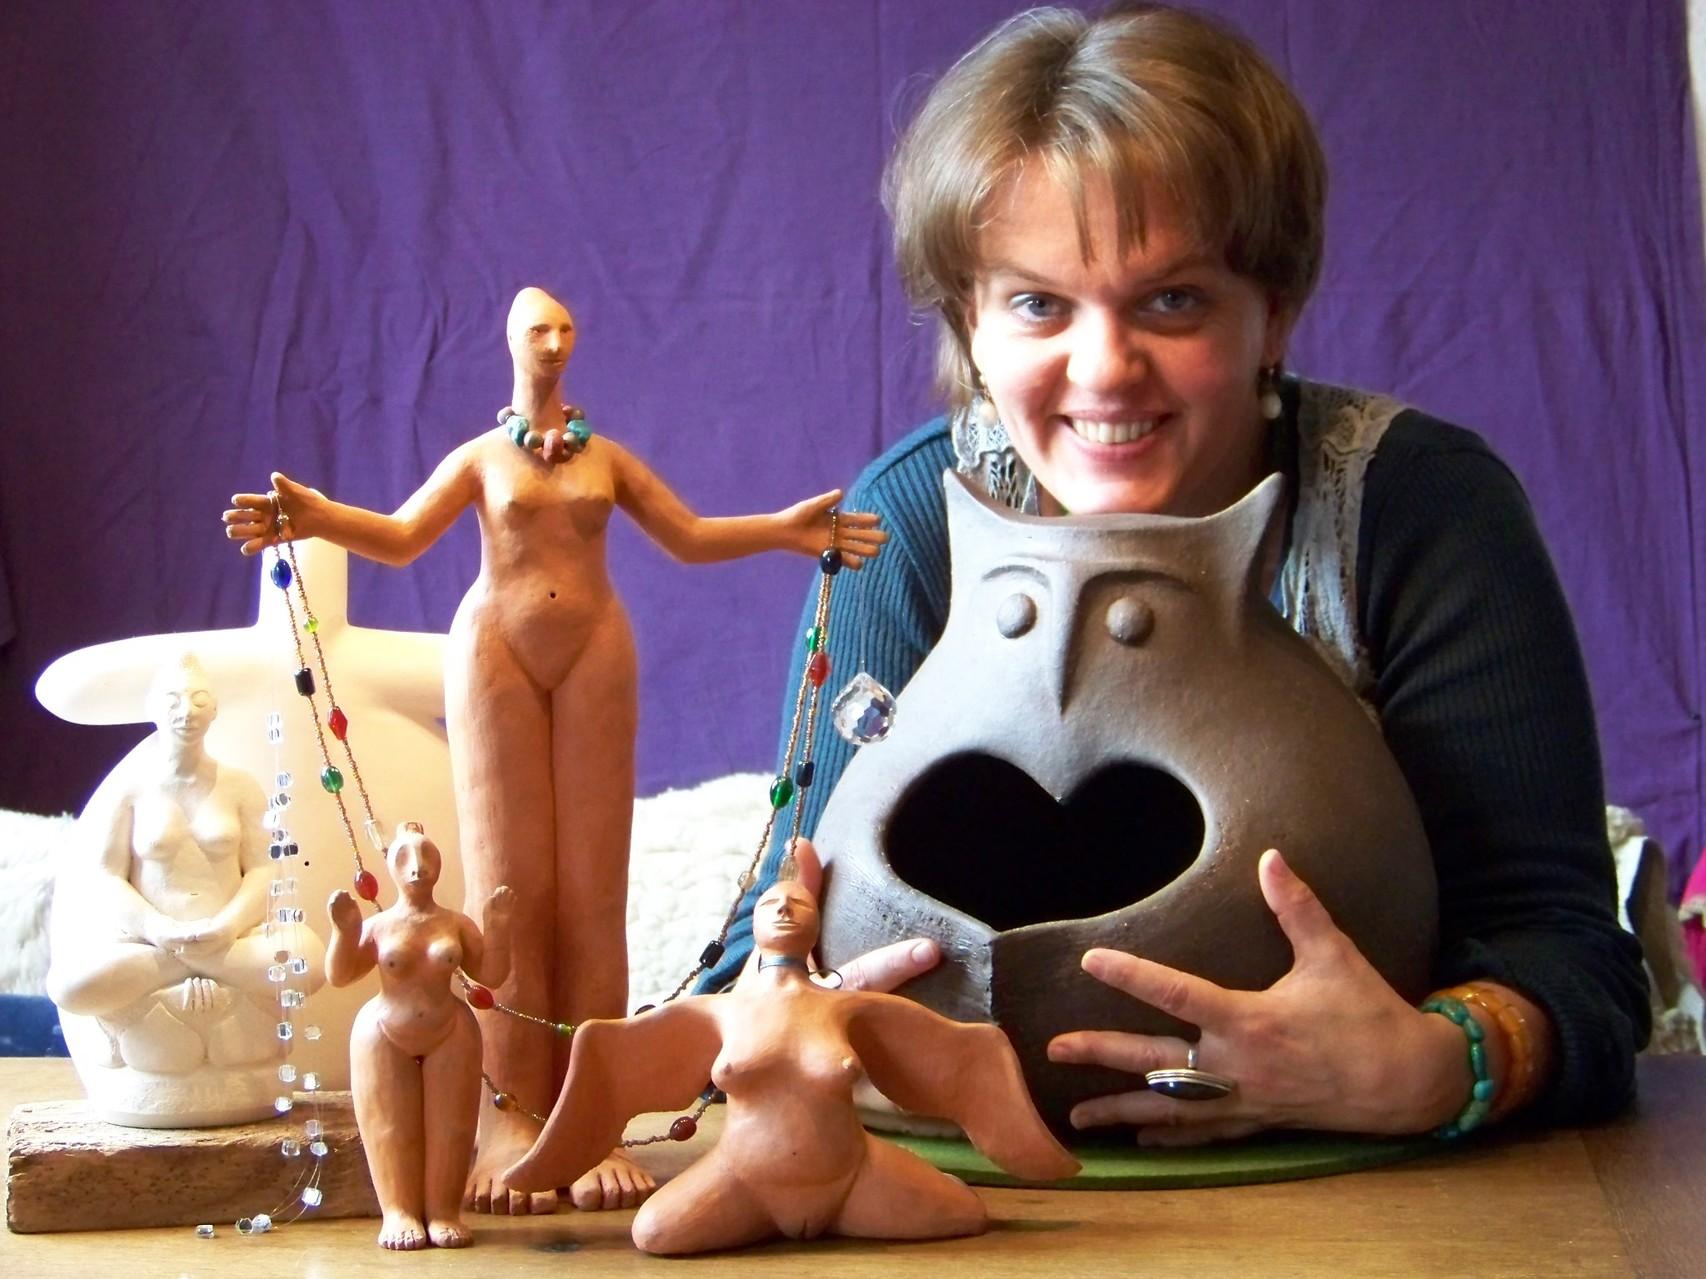 die-die-sich-traut, 1998, Phönixe, 1998, die Mutter der Eulen, 2006, ich, 2013